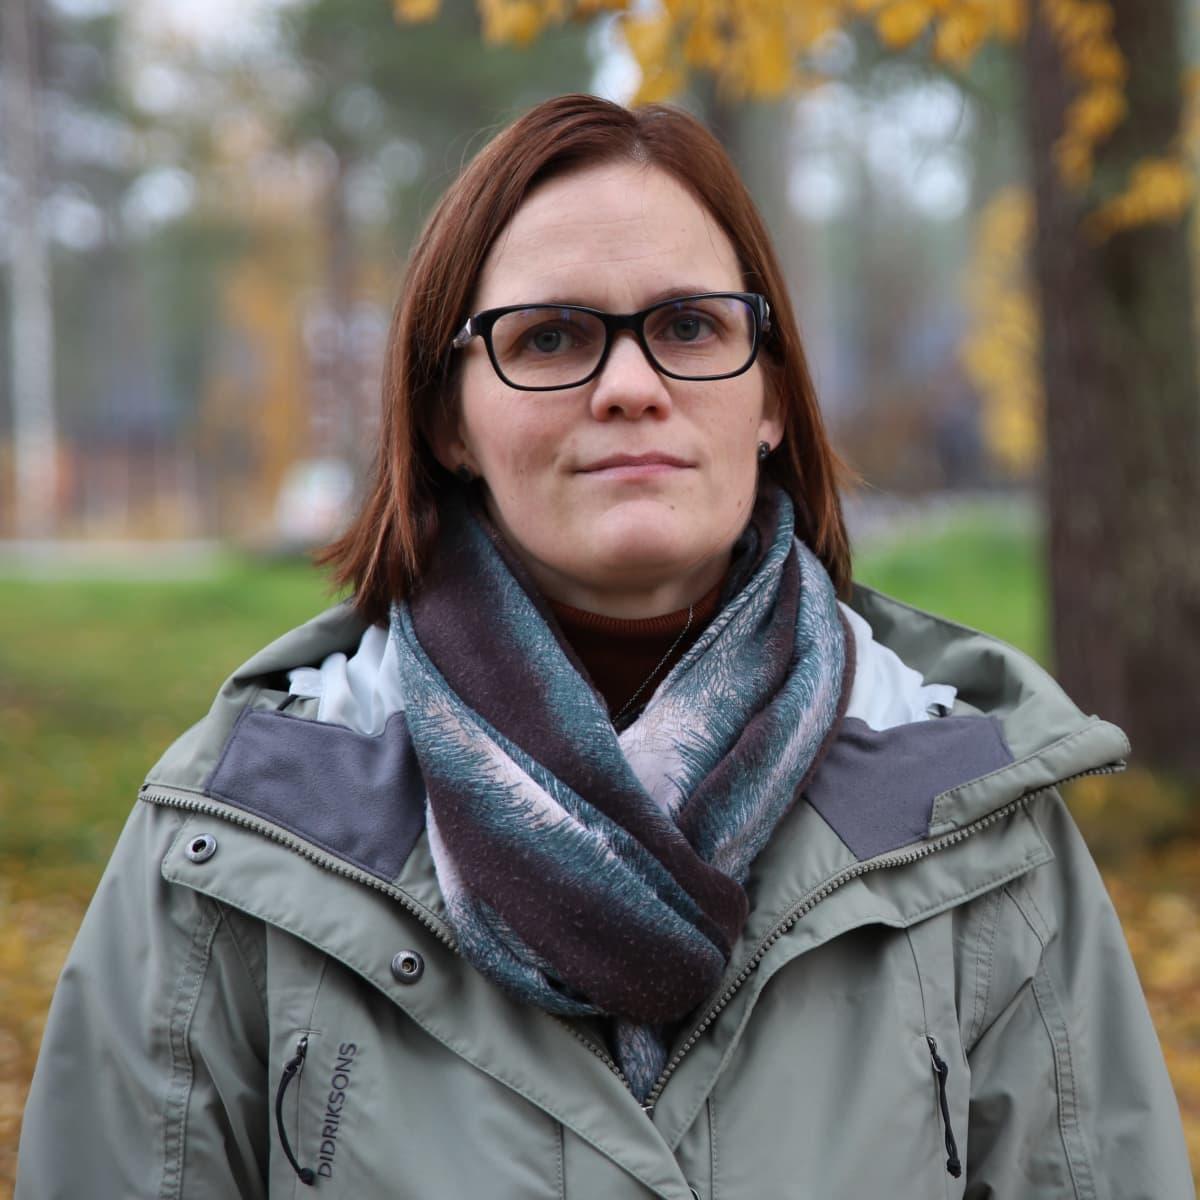 Ranuan Eläinpuiston asiakaspalveluvastaava Kati Saukko